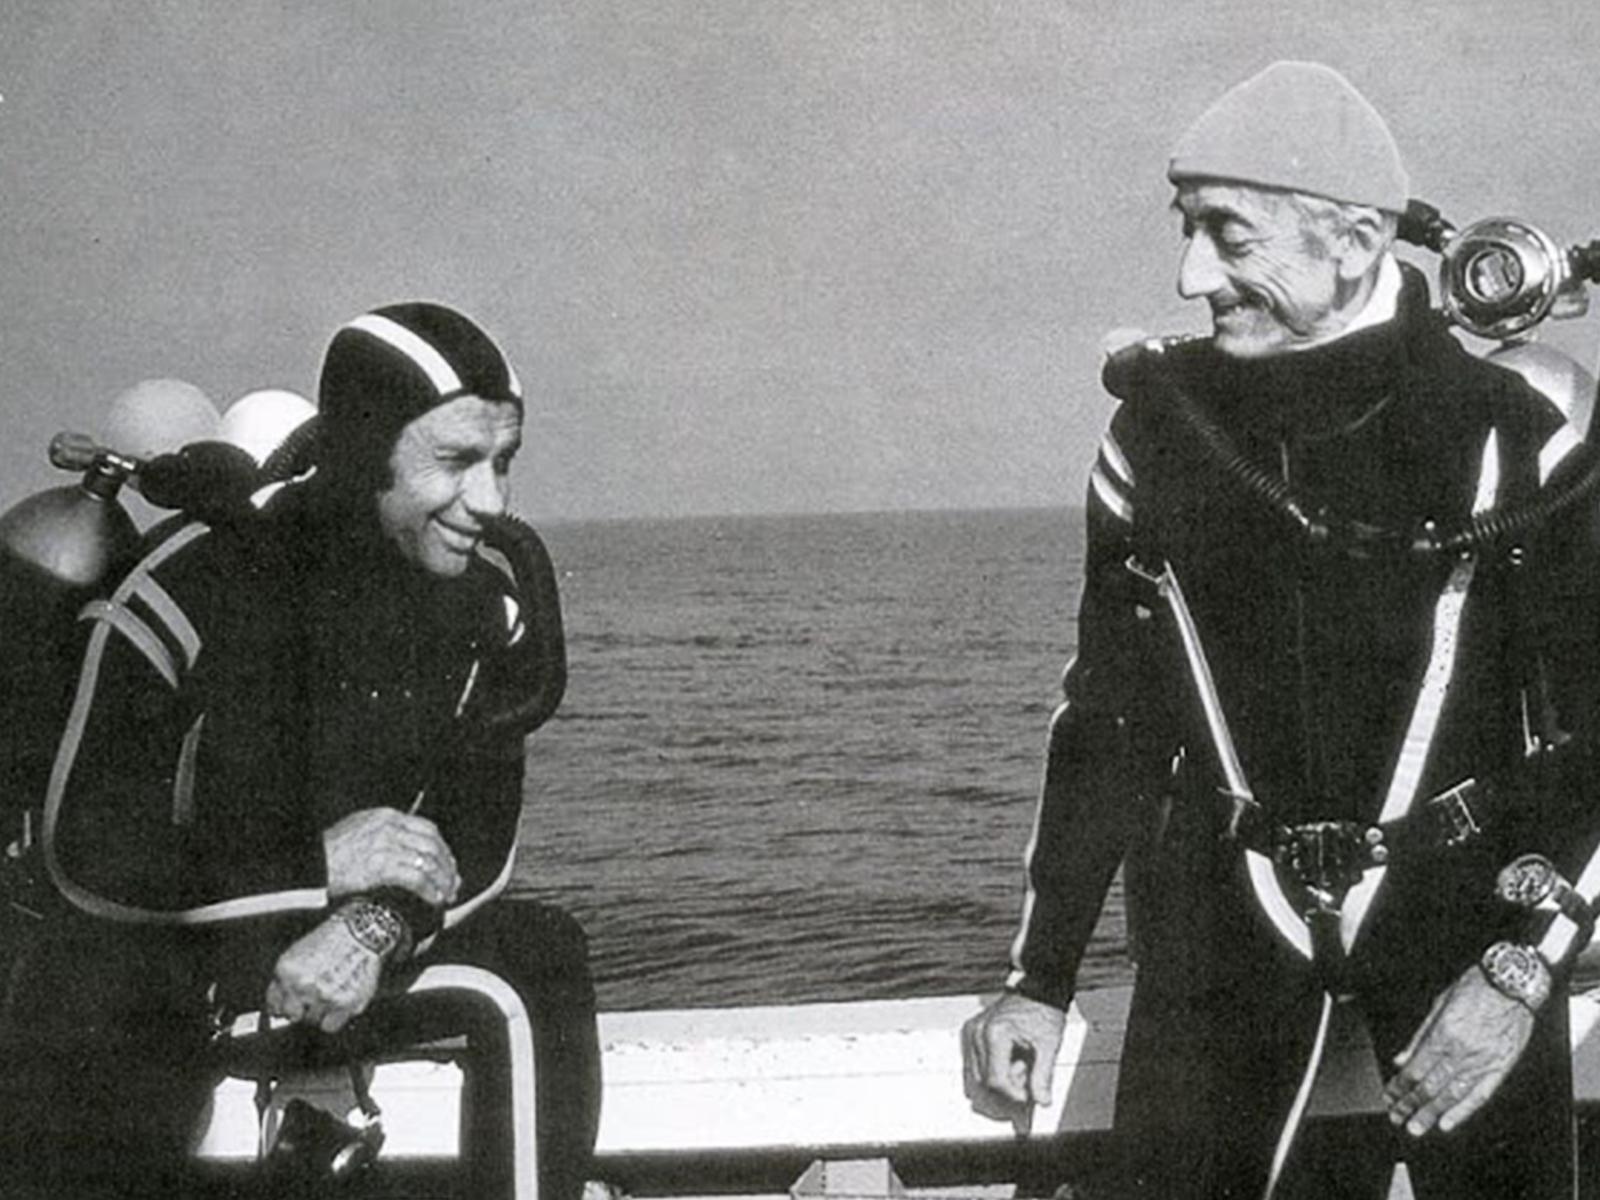 jacques-yves-cousteau-emile-gagnan-aqua-lung-.jpg